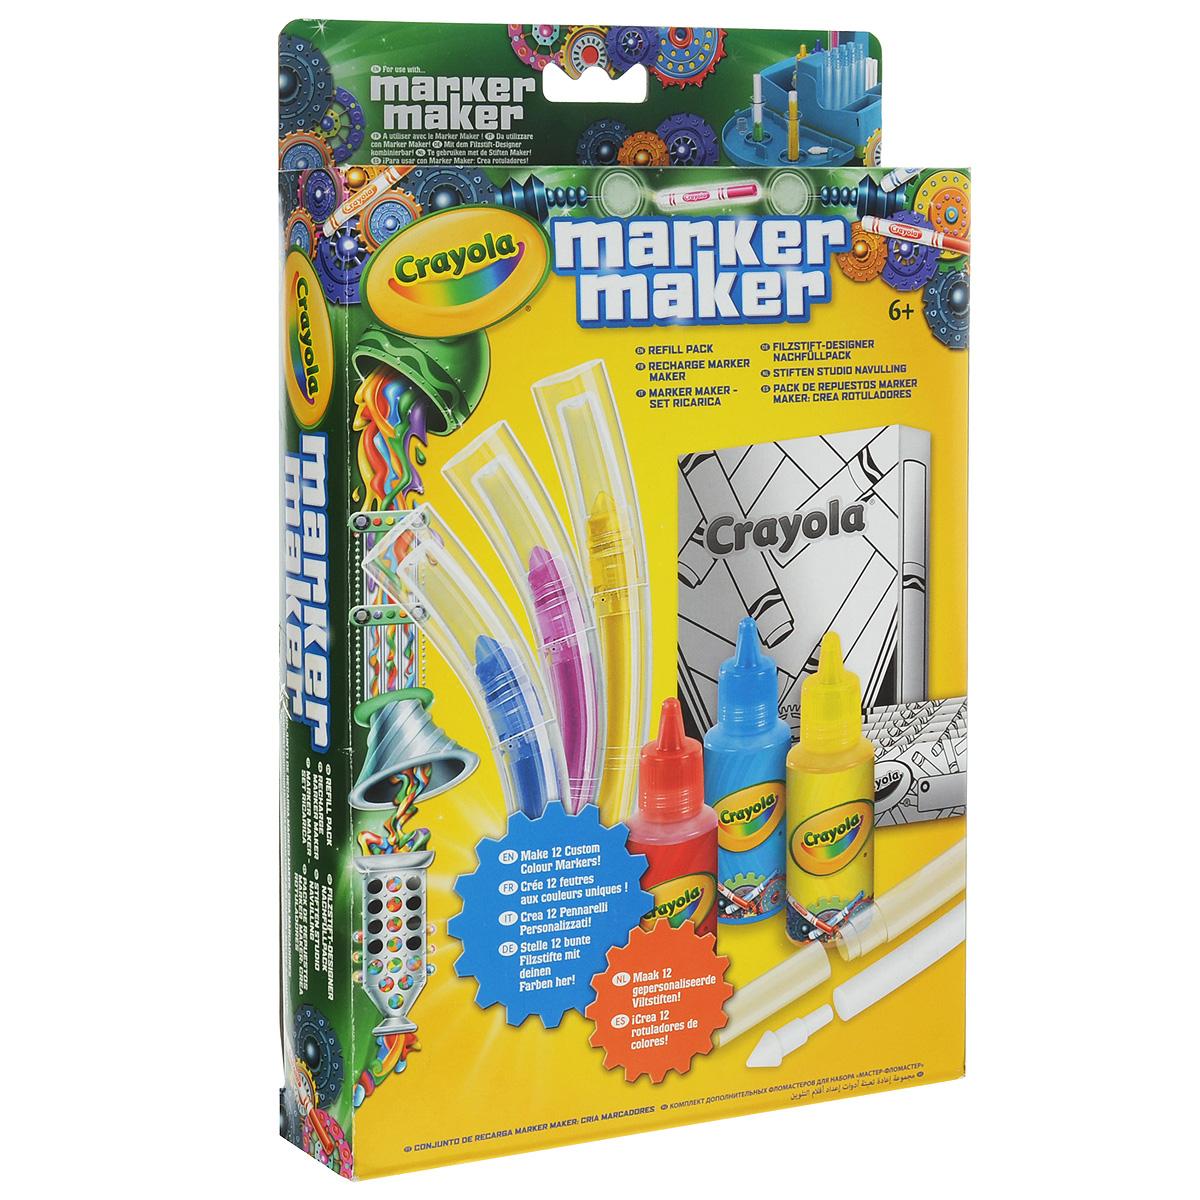 """Набор аксессуаров Crayola Мастер-фломастер74-7055Набор аксессуаров Мастер-фломастер является комплектом дополнительных фломастеров для фабрики по производству фломастеров """"Мастер-фломастер"""" от Crayola.В комплект входят 12 наборов для сборки фломастеров (корпуса, стержни, наконечники, колпачки, заглушки, наклейки), 3 баночки с чернилами красного, синего и желтого цветов и 2 коробочки для упаковки и хранения. Всего этого достаточно для создания фломастеров с уникальными цветами. Вся продукция Crayola выпускается из нетоксичных и безопасных материалов, поэтому никак не навредит здоровью вашего ребенка.Увлекательный процесс создания фломастеров своими руками подарит юному художнику массу удовольствия, и поможет развить творческое мышление, аккуратность и художественный вкус.Рекомендуется для детей: от 6 лет."""